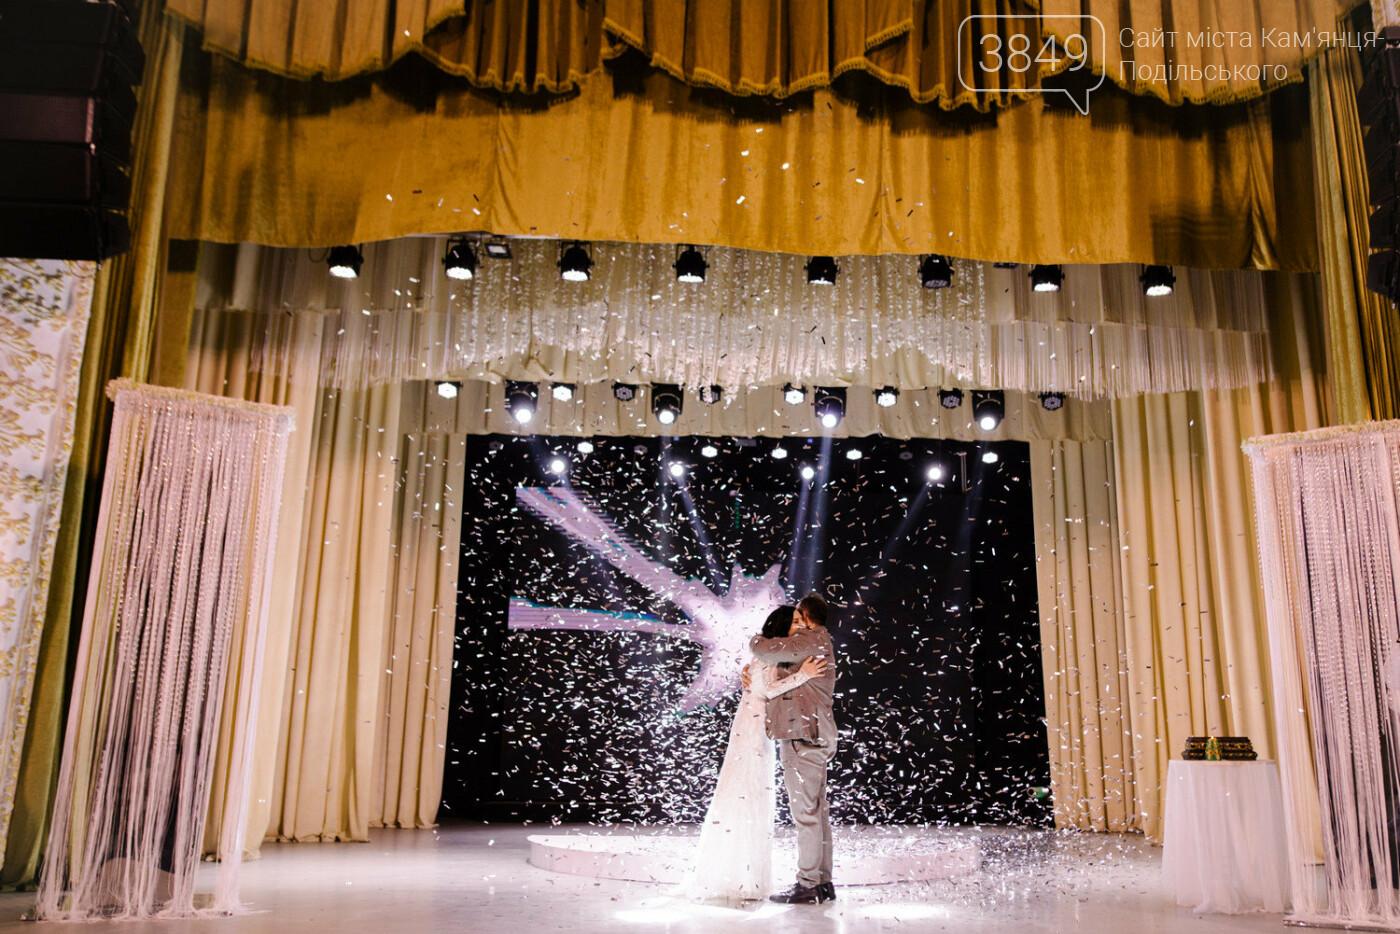 Весна у Кам'янець-Подільський прийшла разом із грандіозною весільною виставкою, фото-9, Фото: Артем Звінко